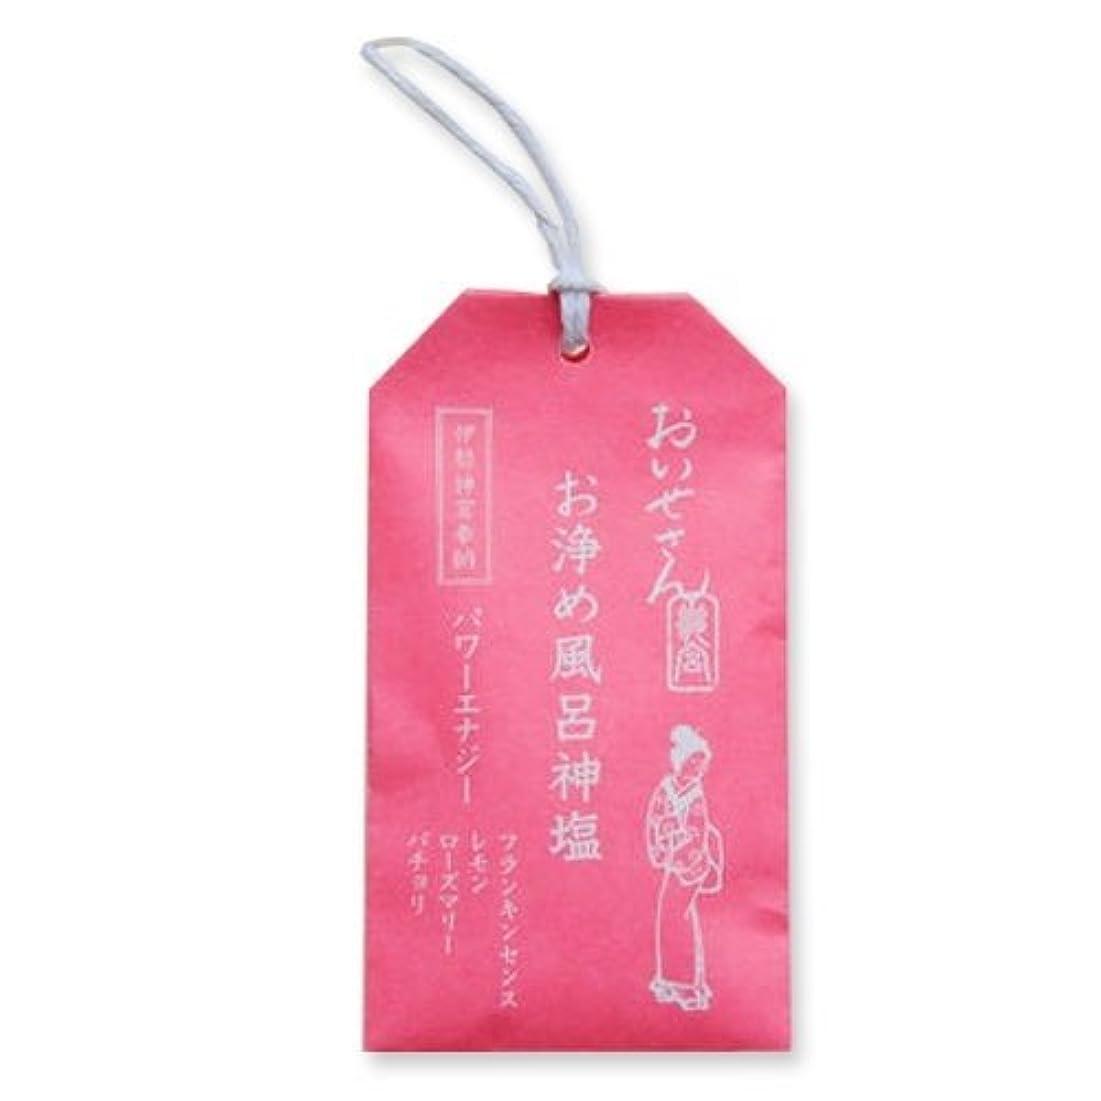 累計品揃えホップおいせさん お浄め風呂神塩 バス用ソルト(パワーエナジー) 20g